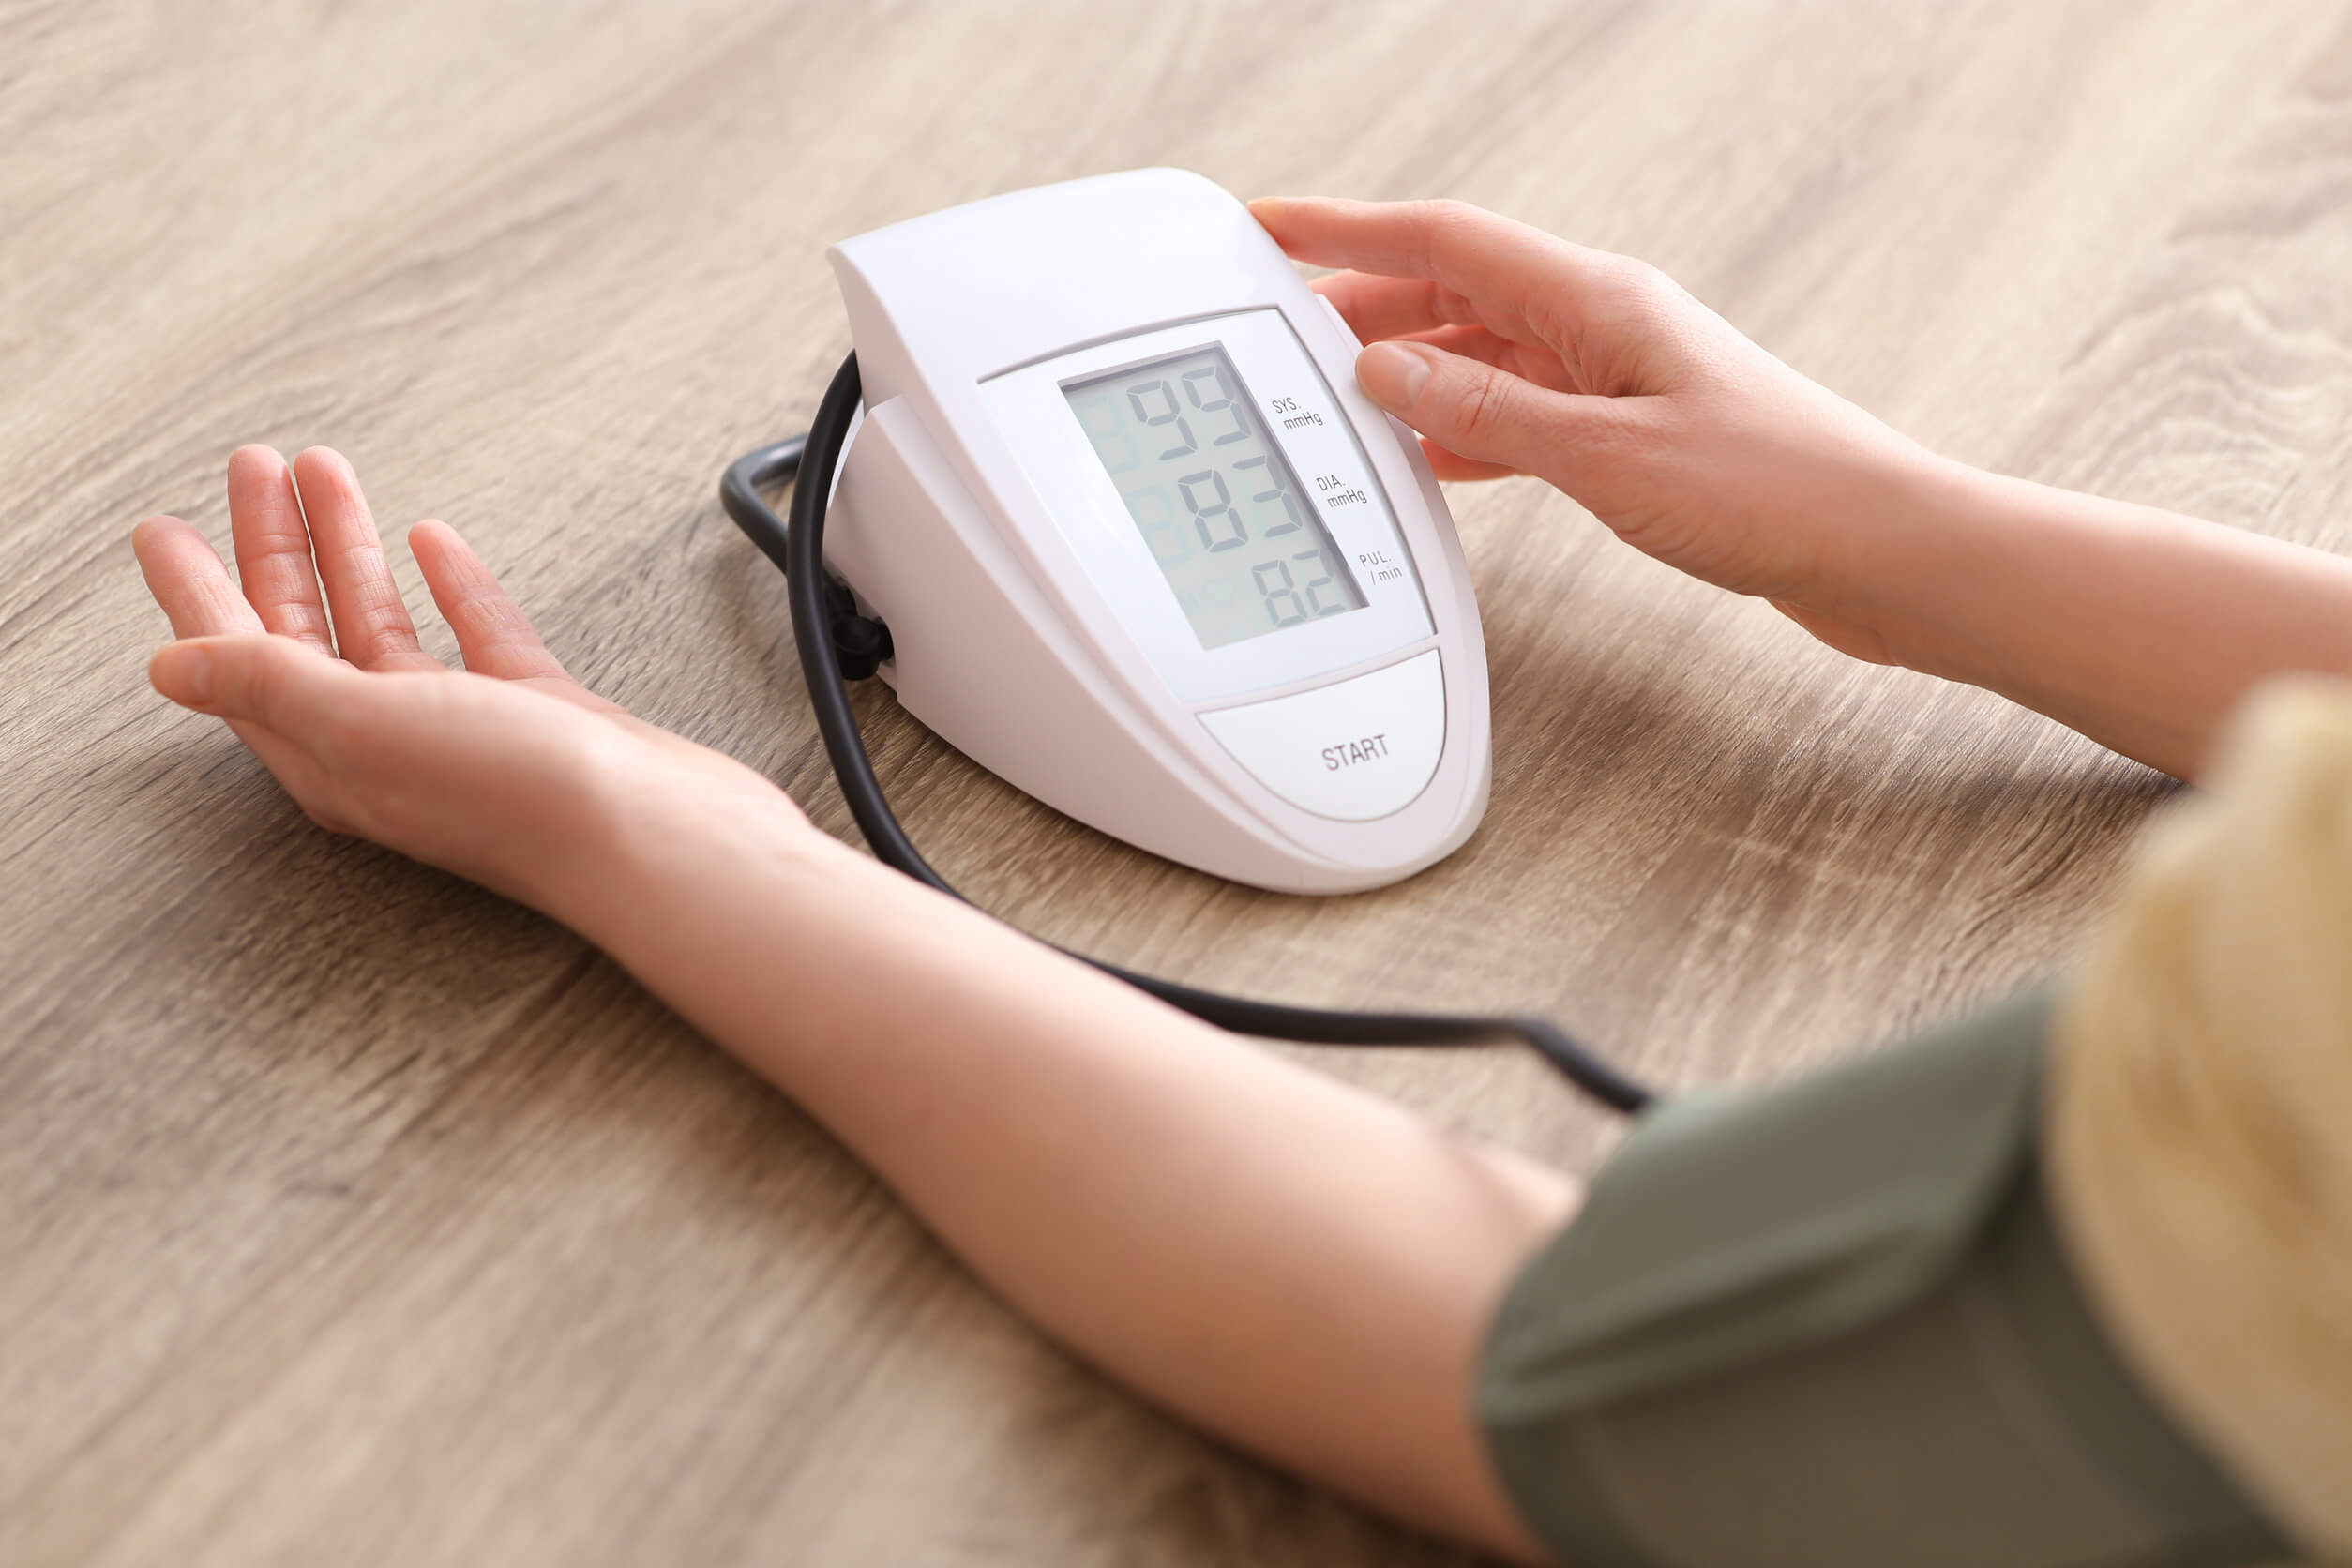 Podrían ayudara combatir la hipertensión